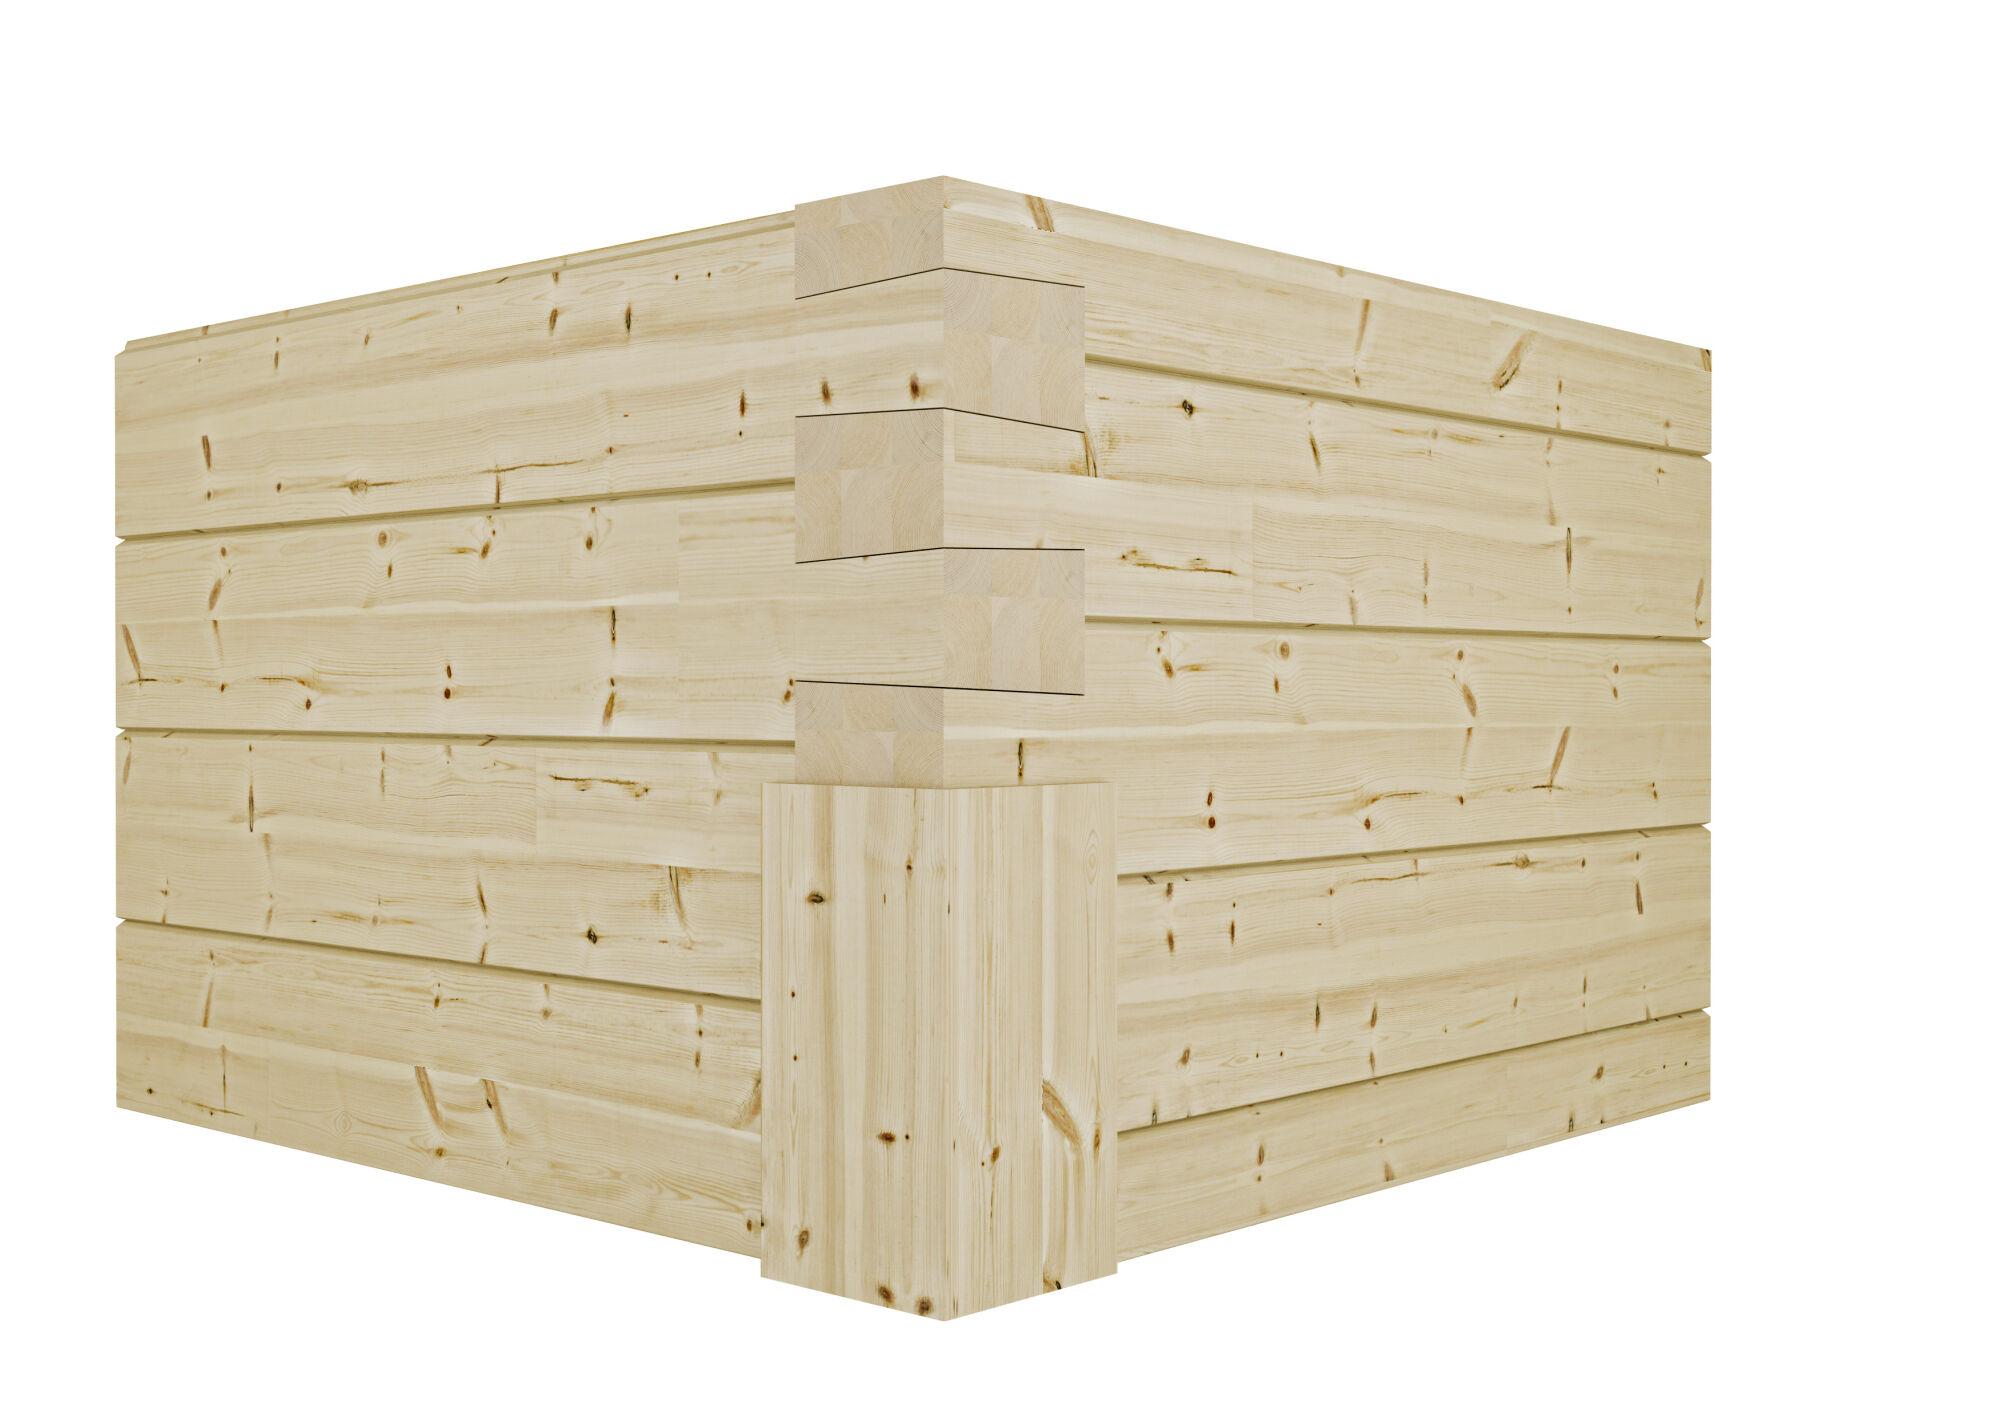 Kontios tyrolerknute med tømmer i modern profil